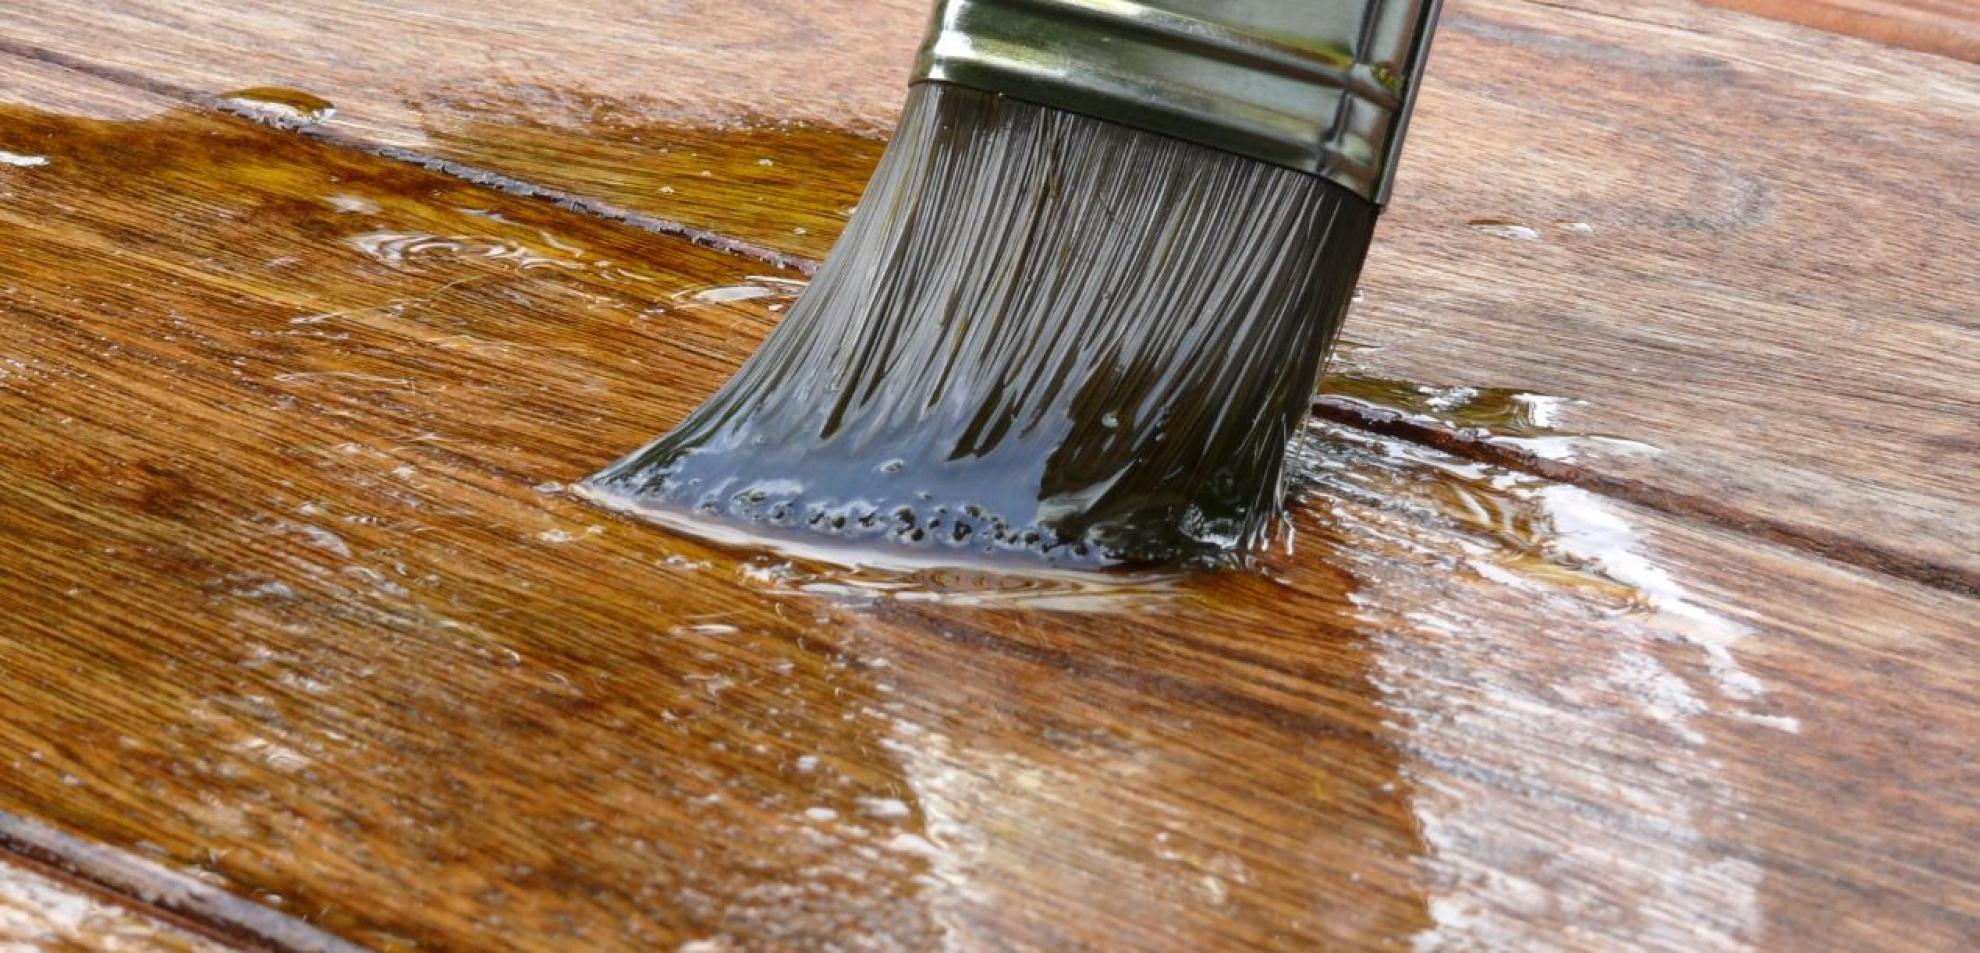 Dicas para a manuten��o da madeira